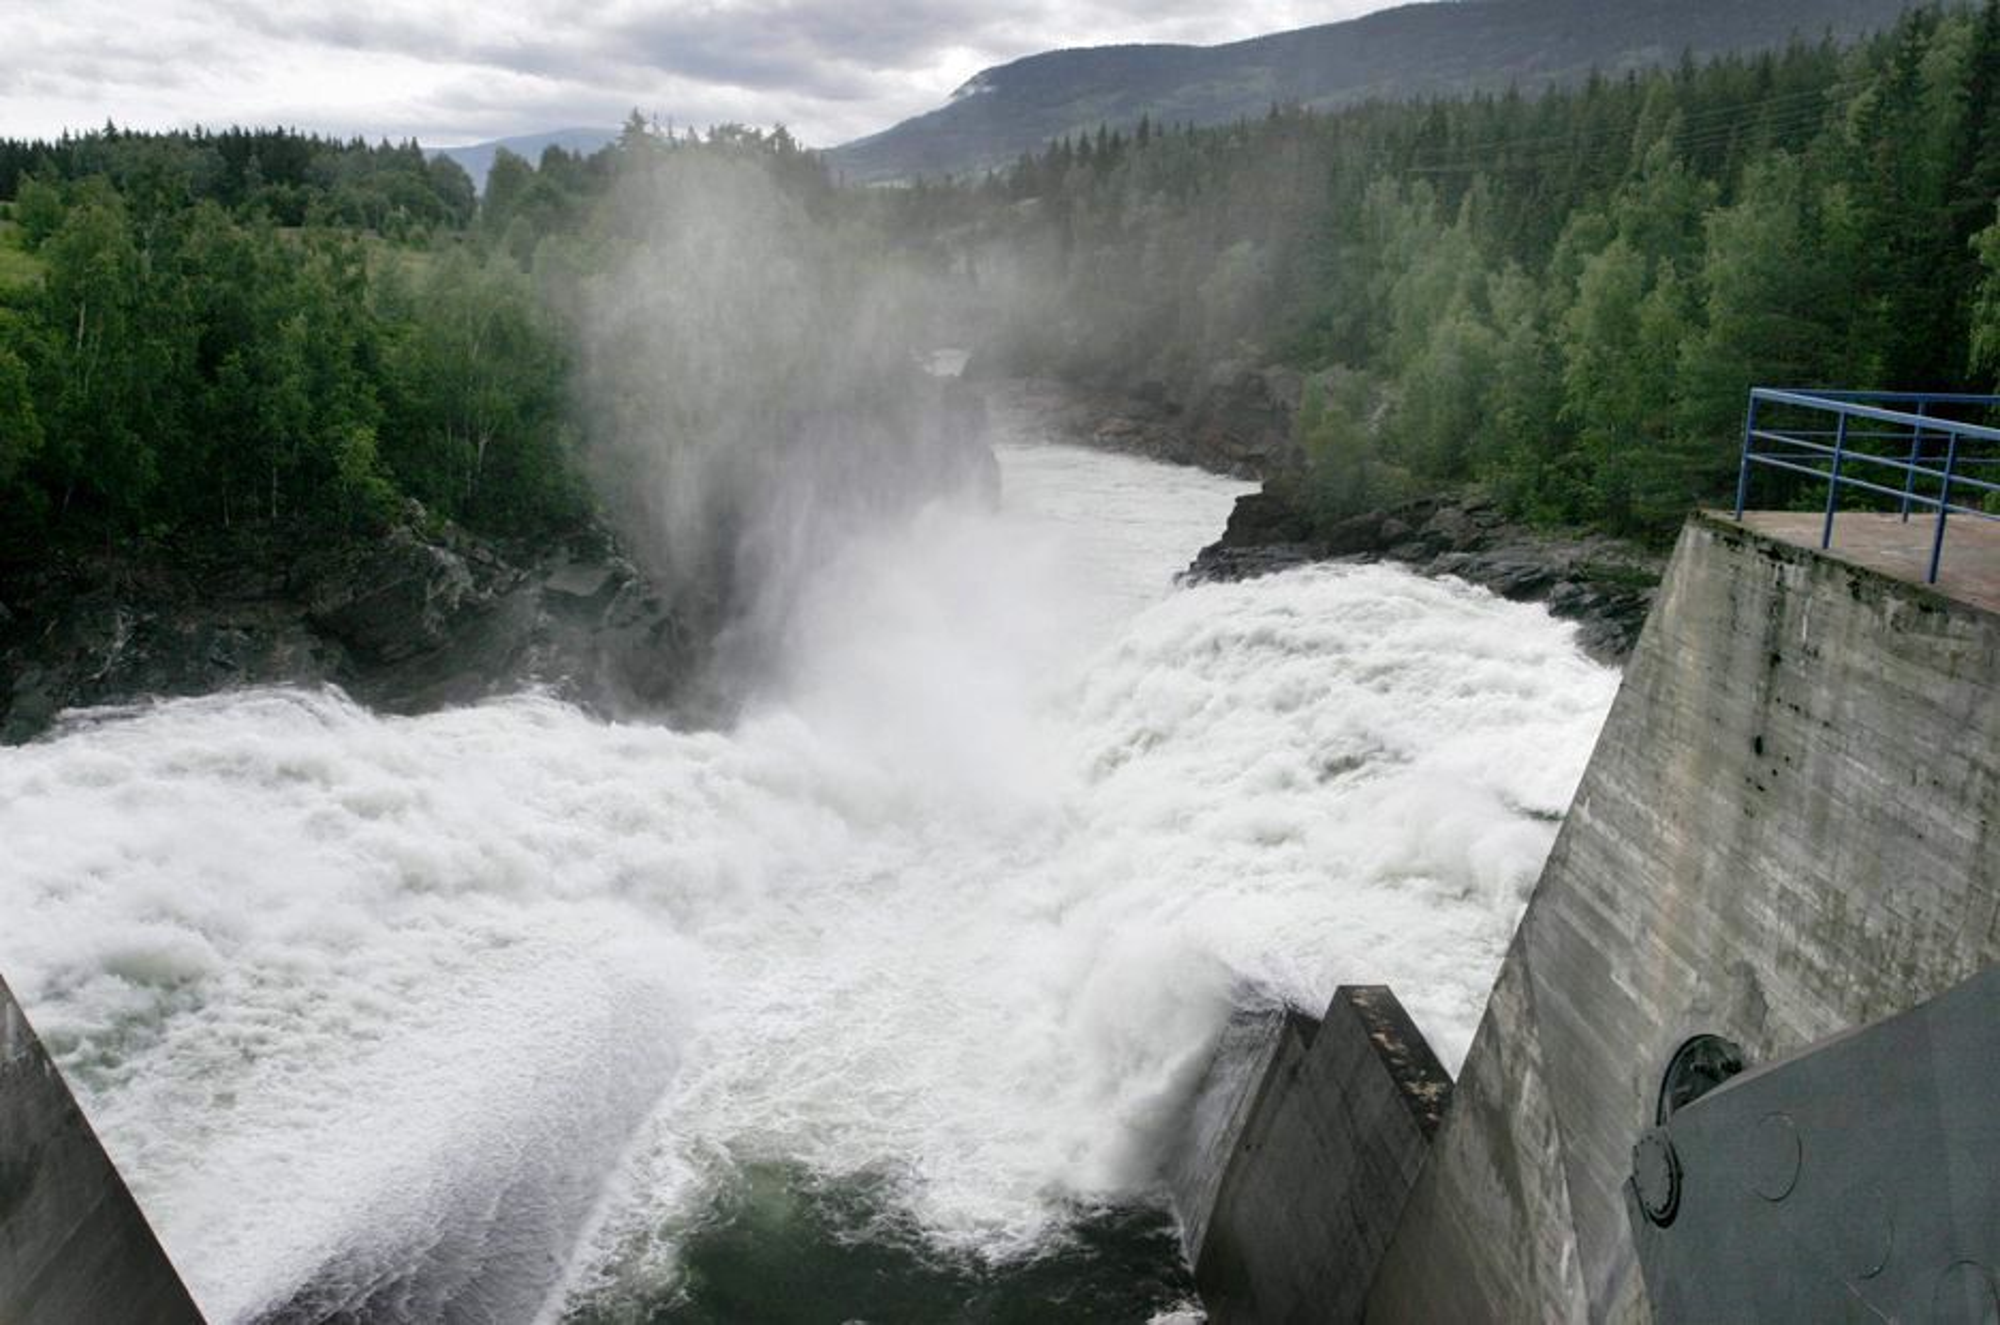 VERDIFULL: Opprinnelsesgarantier og kvotesystemet har økt norske kraftprodusenters inntekter med milliarder.